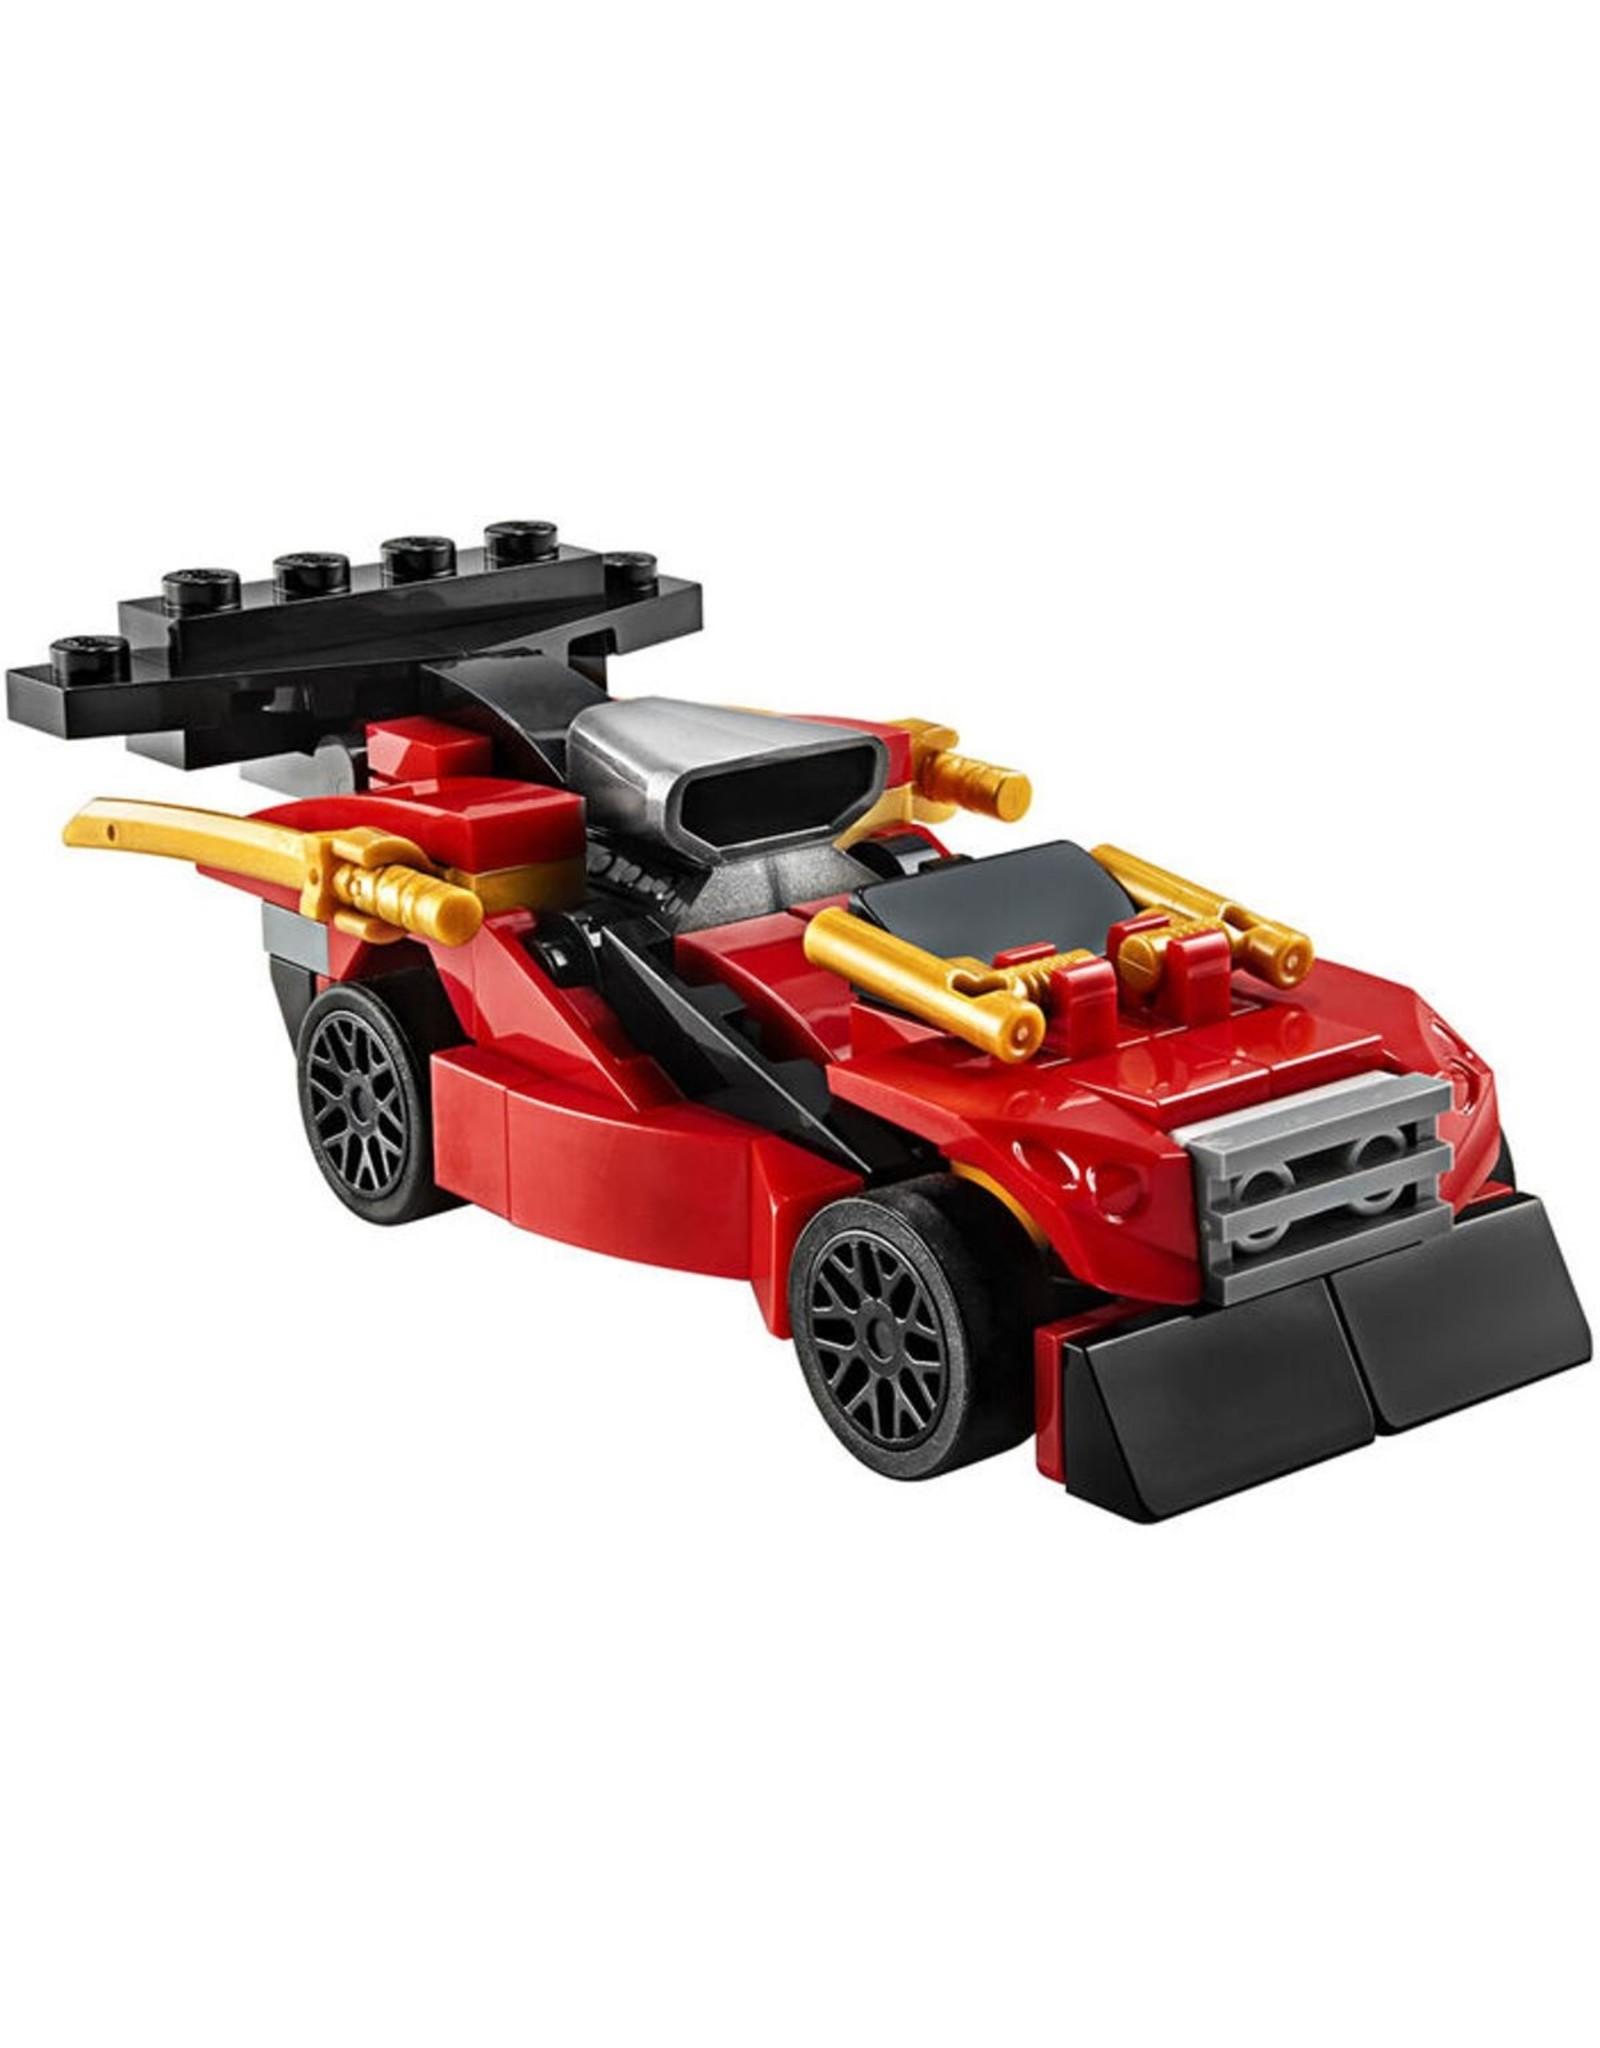 LEGO LEGO Ninjago 30536 Combo Charger (Polybag)